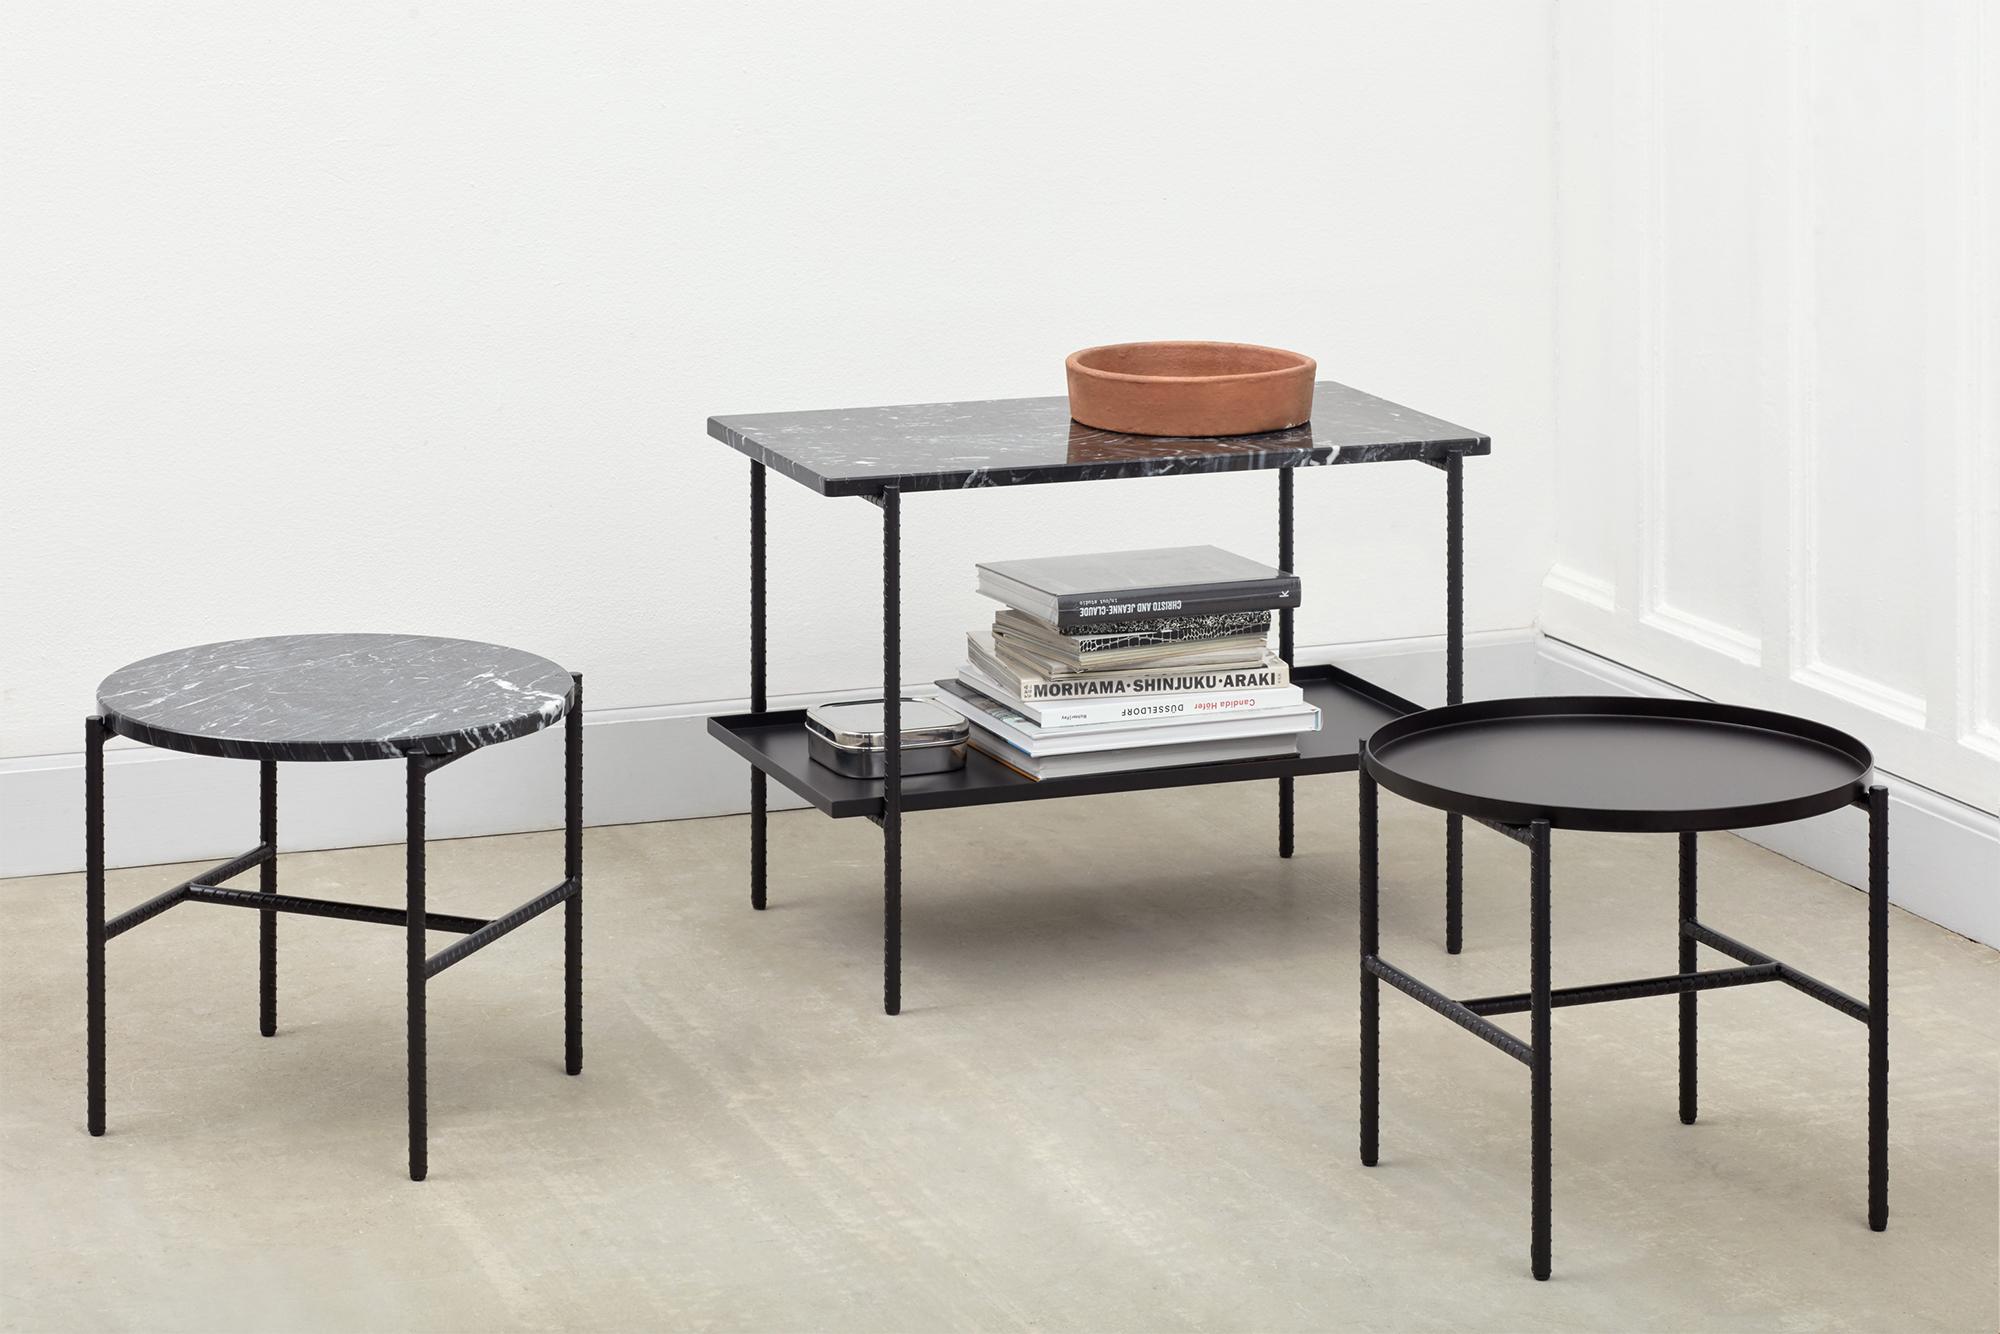 Rebar Side Table Ø45 cm Marble Top Sideboard | HAY | Länna